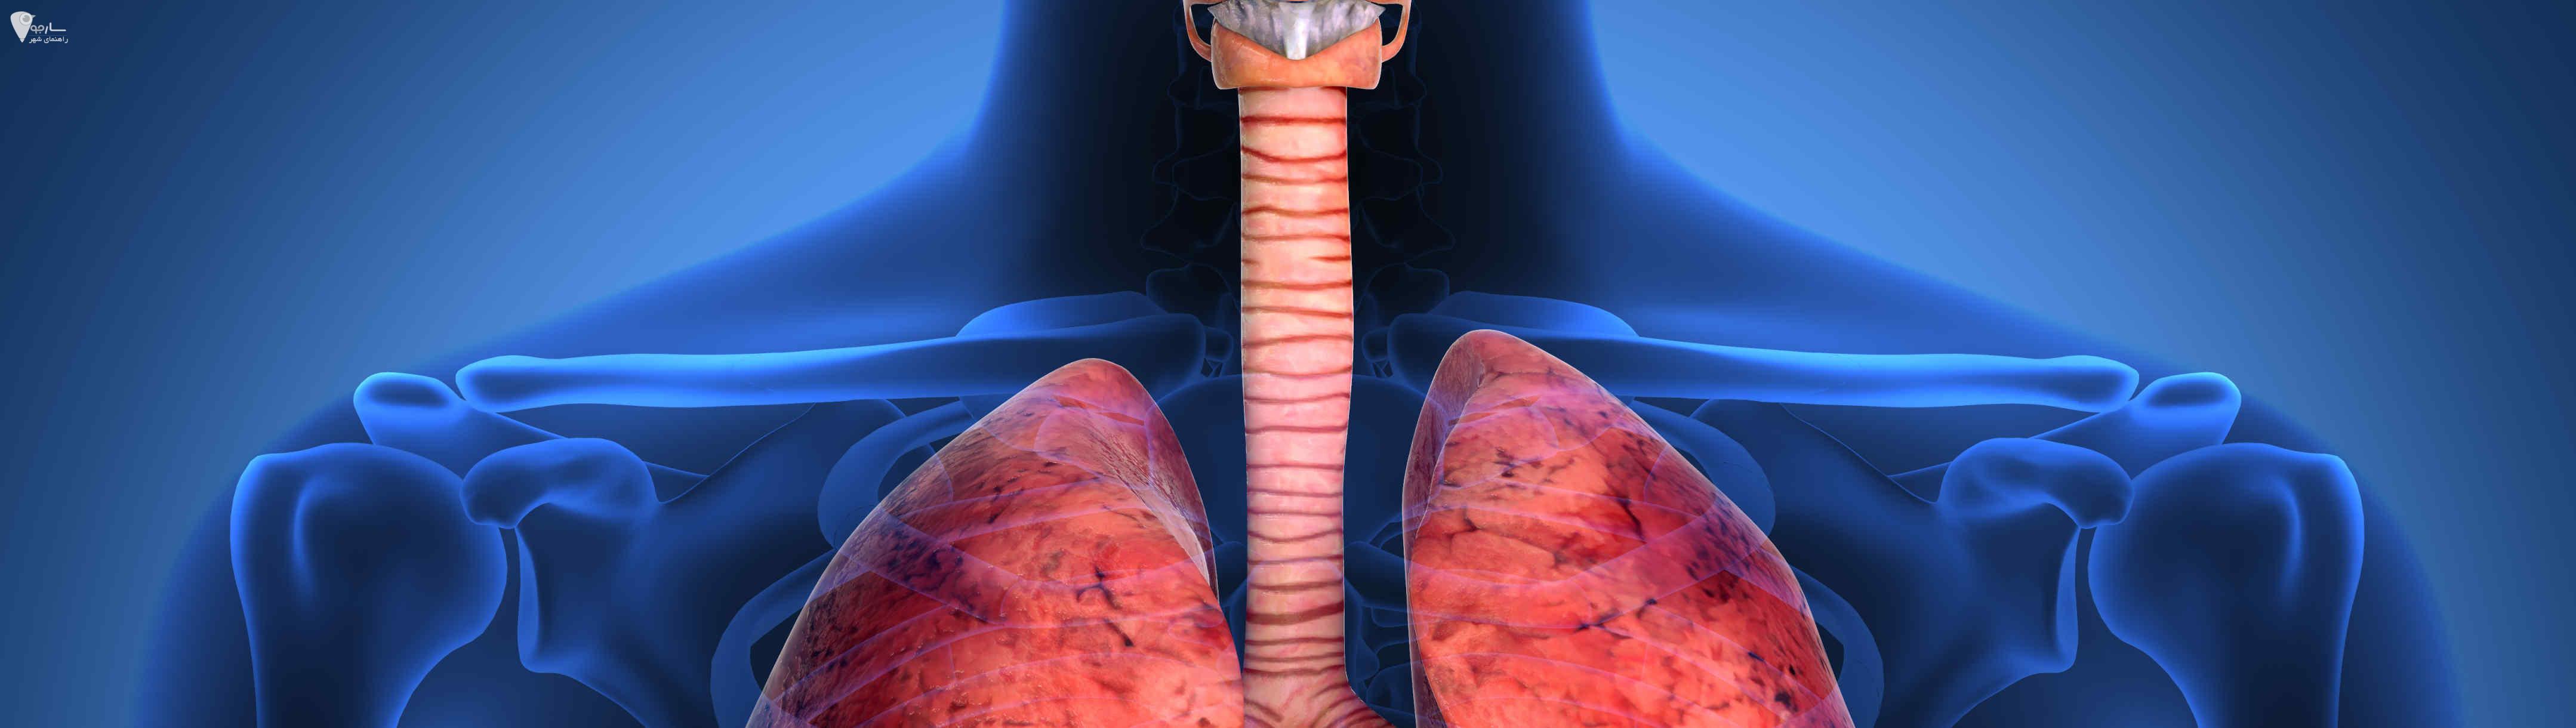 وایتکس و ریه و عوارض وایتکس به همراه مضرات وایتکس بر ریه انسان